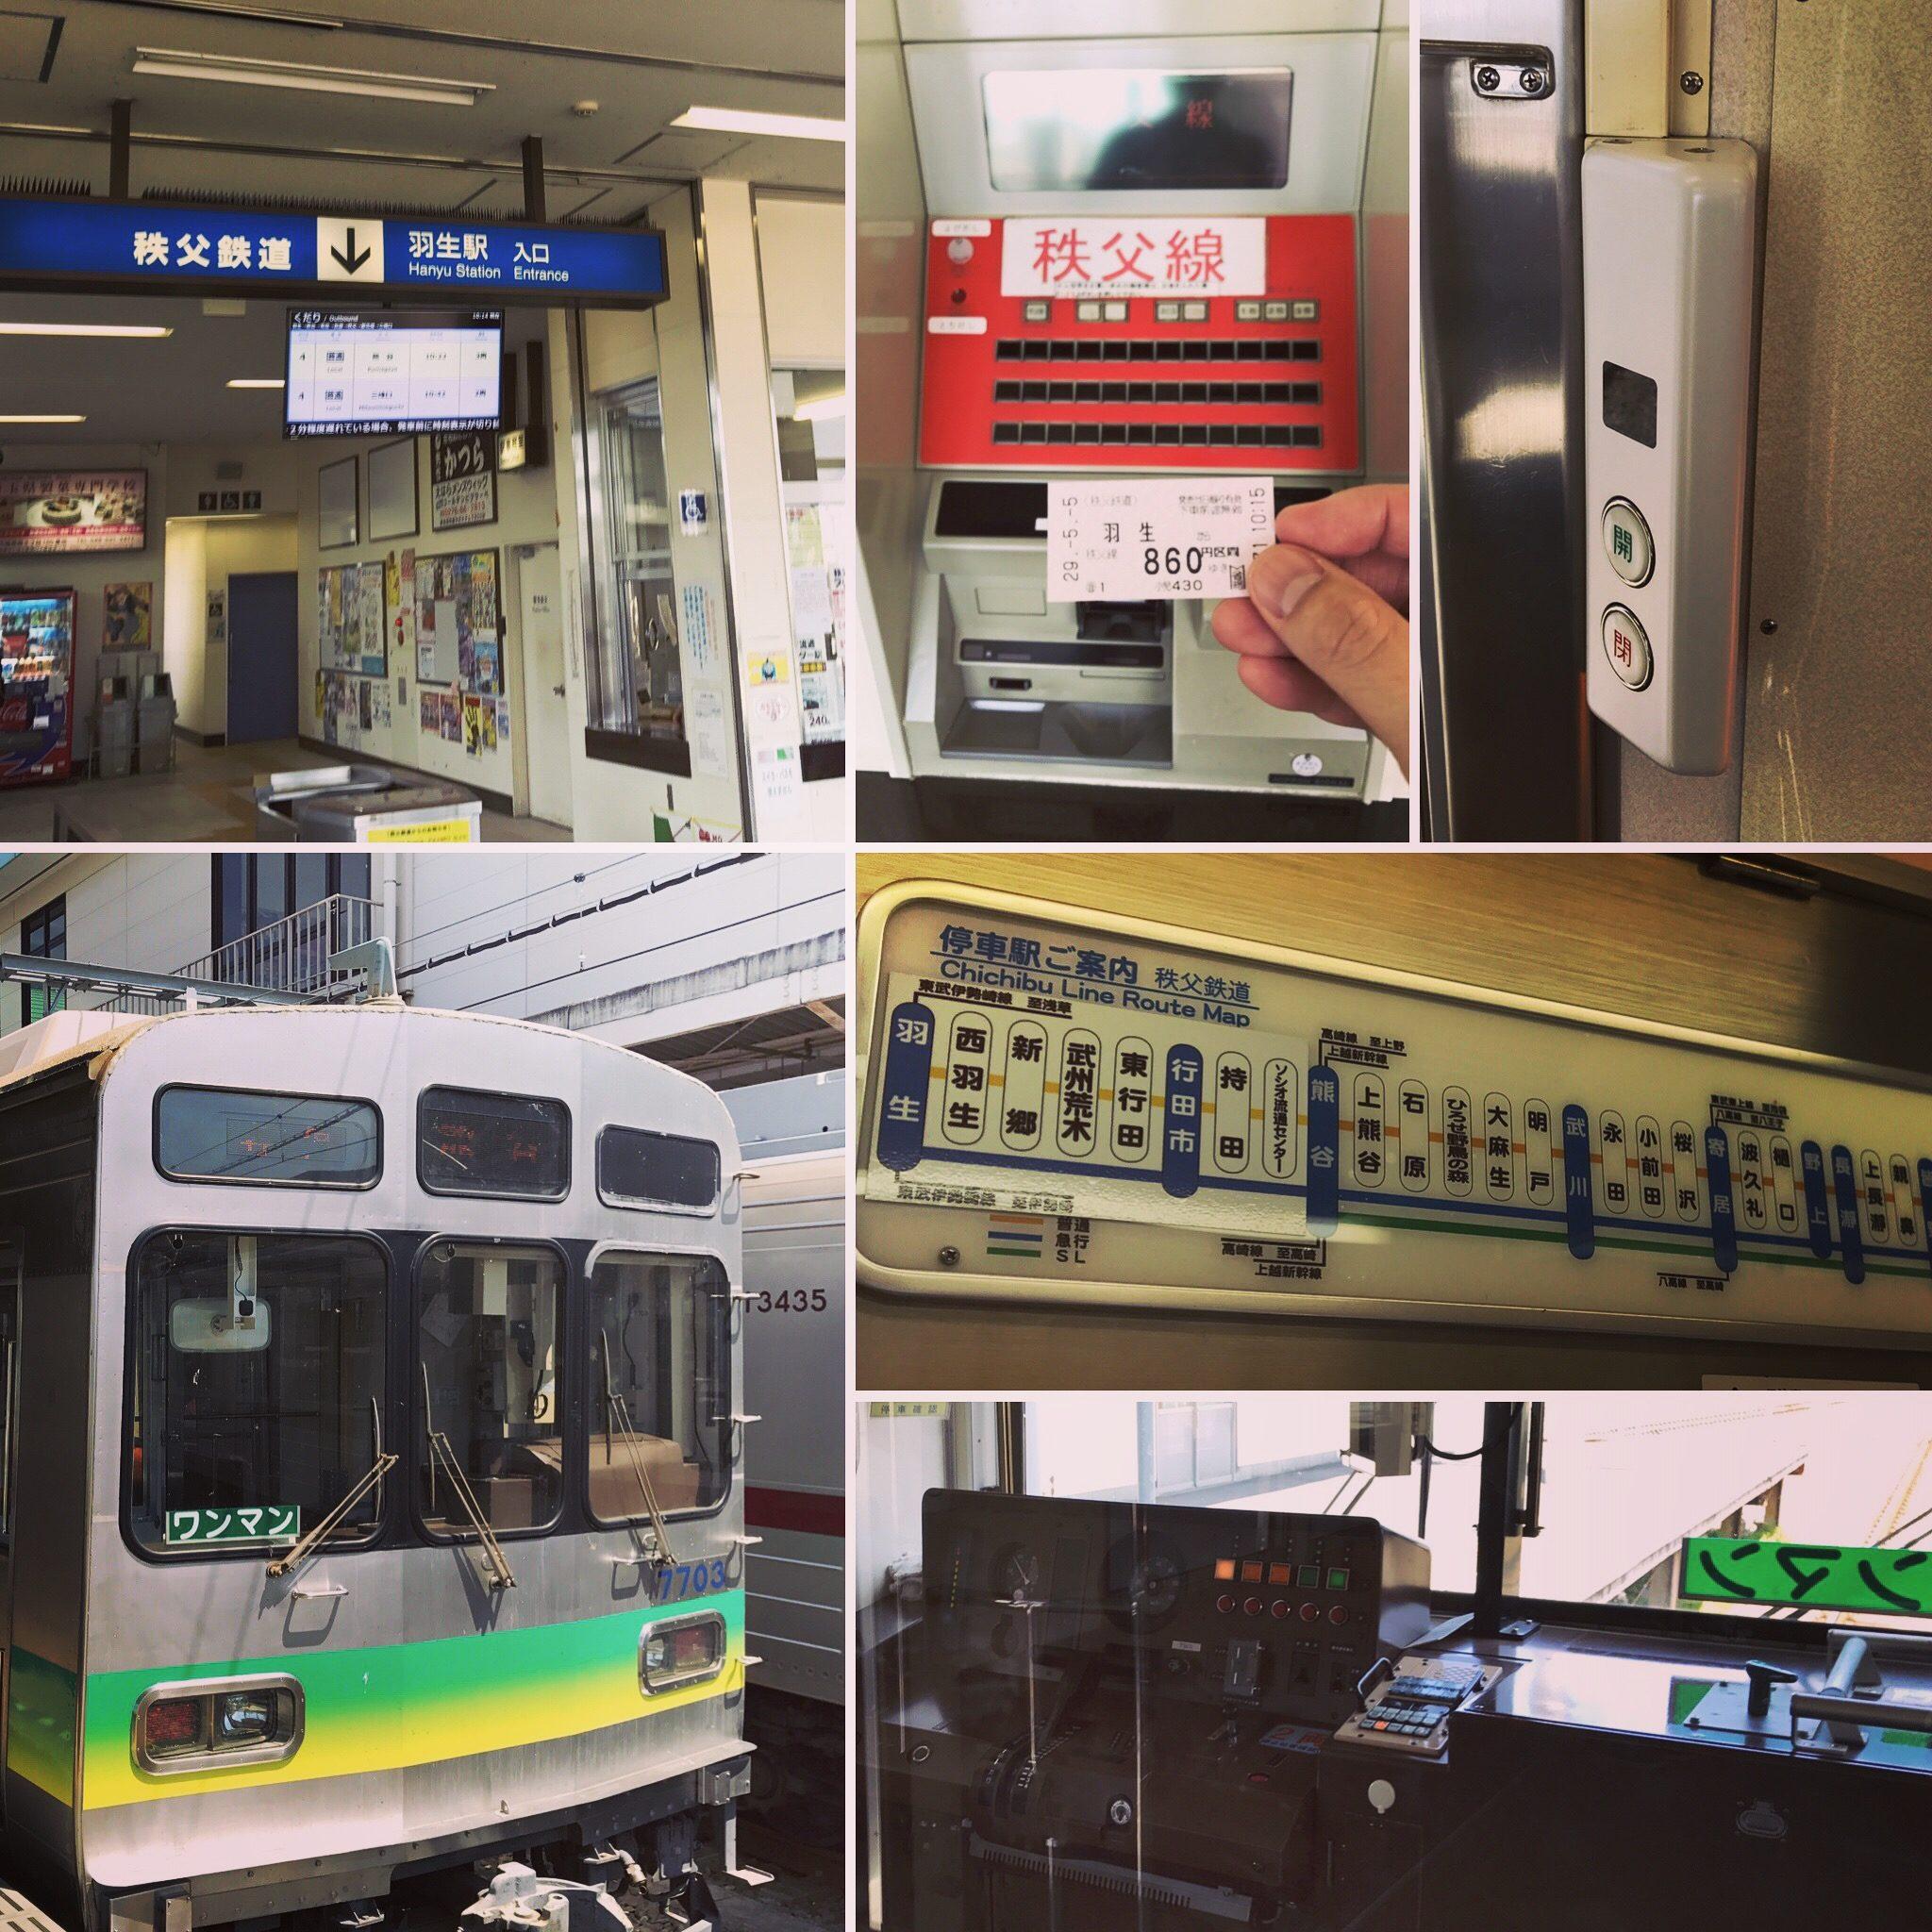 秩父鉄道7500系と羽生駅